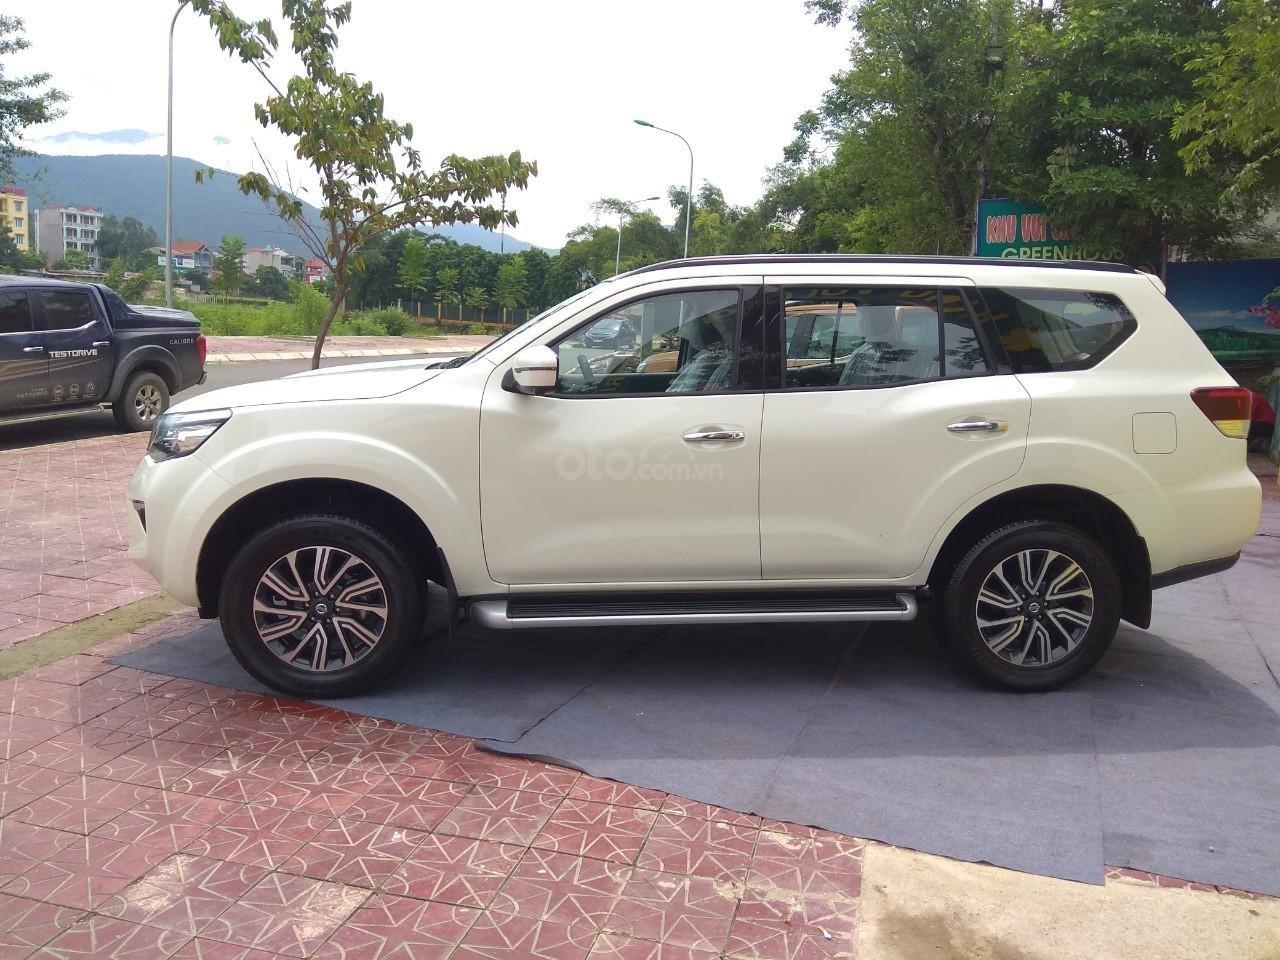 Bán ô tô Nissan Terra E 2018, màu trắng, nhập khẩu, mới 100%, giá 825tr, duy nhất 1 xe-0